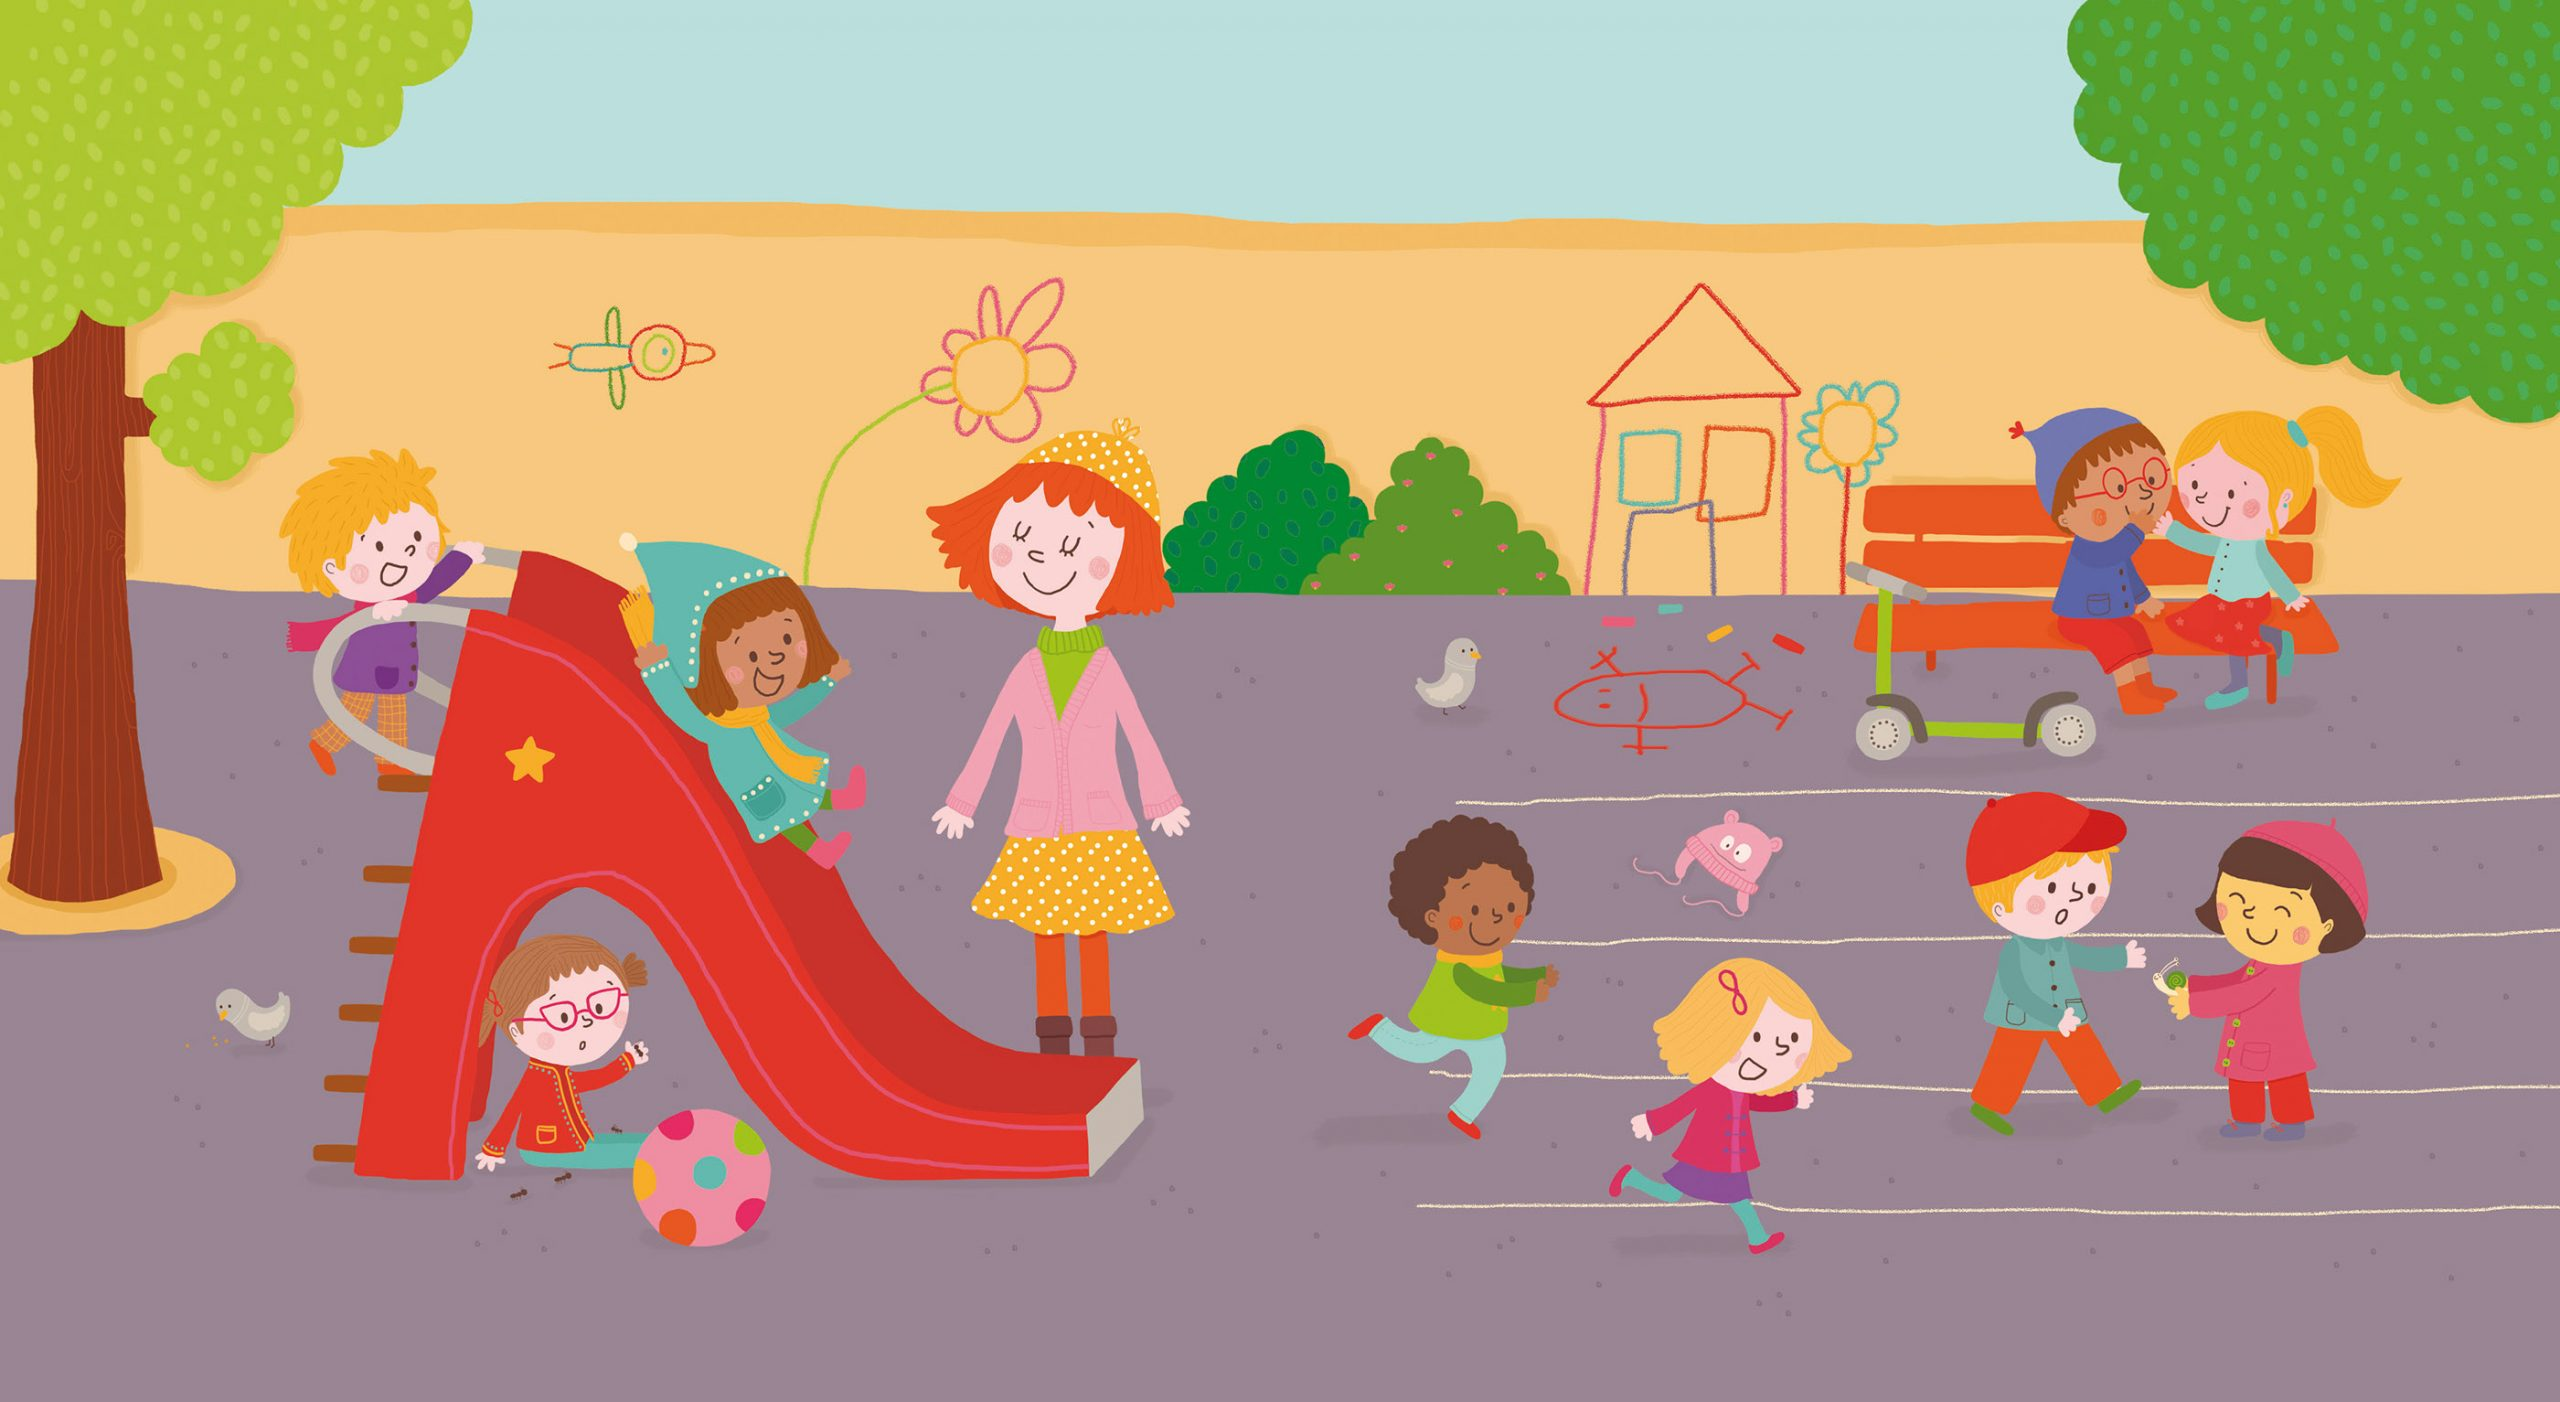 L'école Maternelle. Editions Larousse On Behance dedans Imagier Ecole